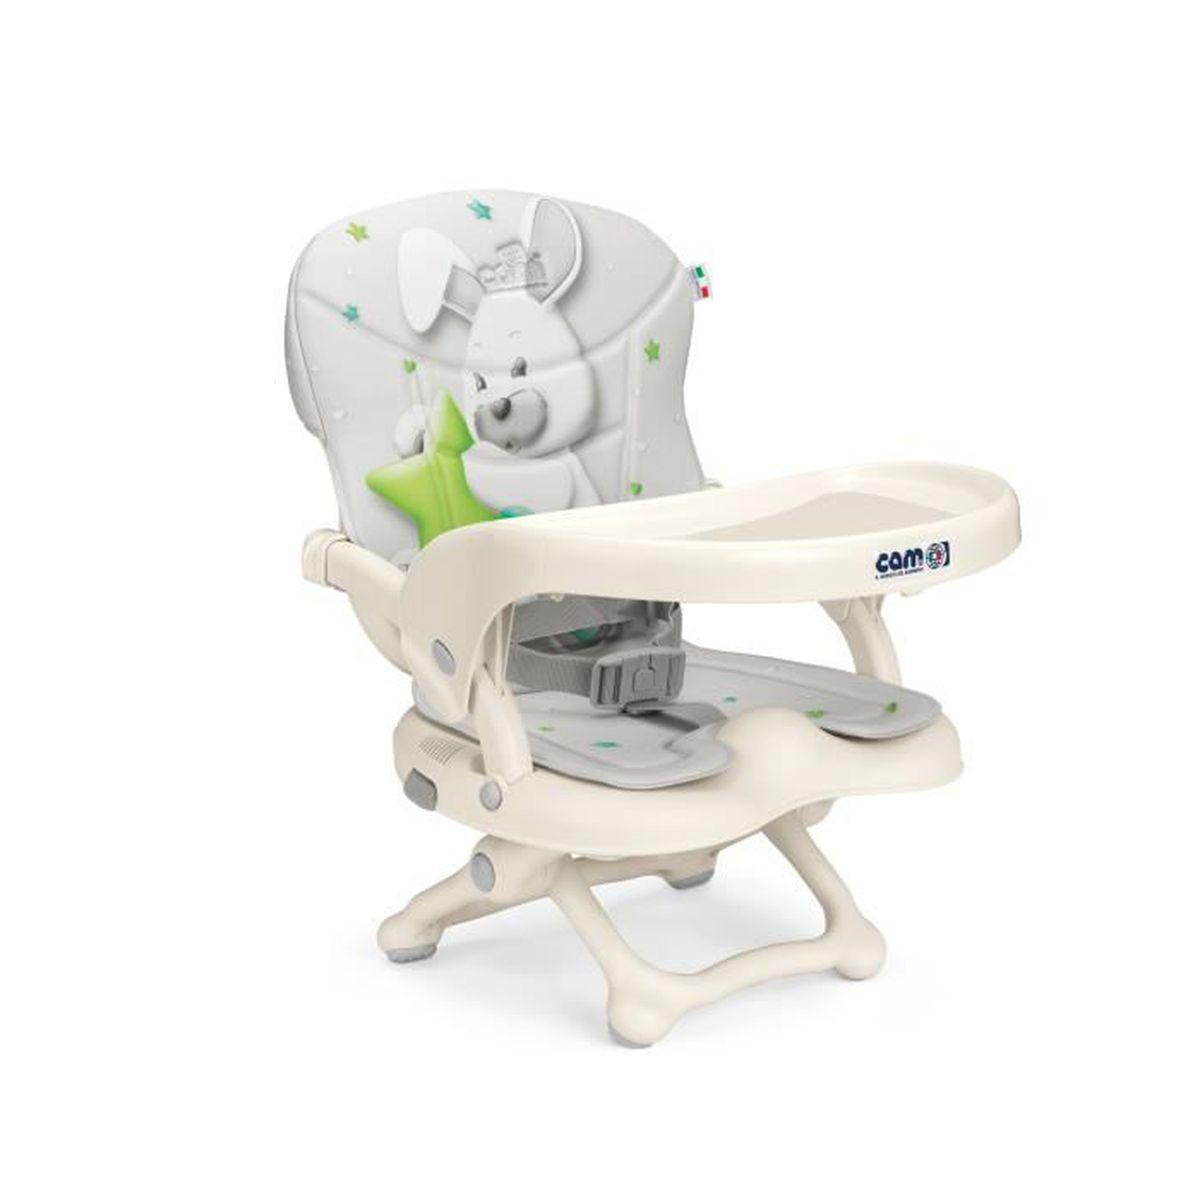 RÉHAUSSEUR SIÈGE  Cam - Rehausseur chaise de voyage SMARTY POP - rem